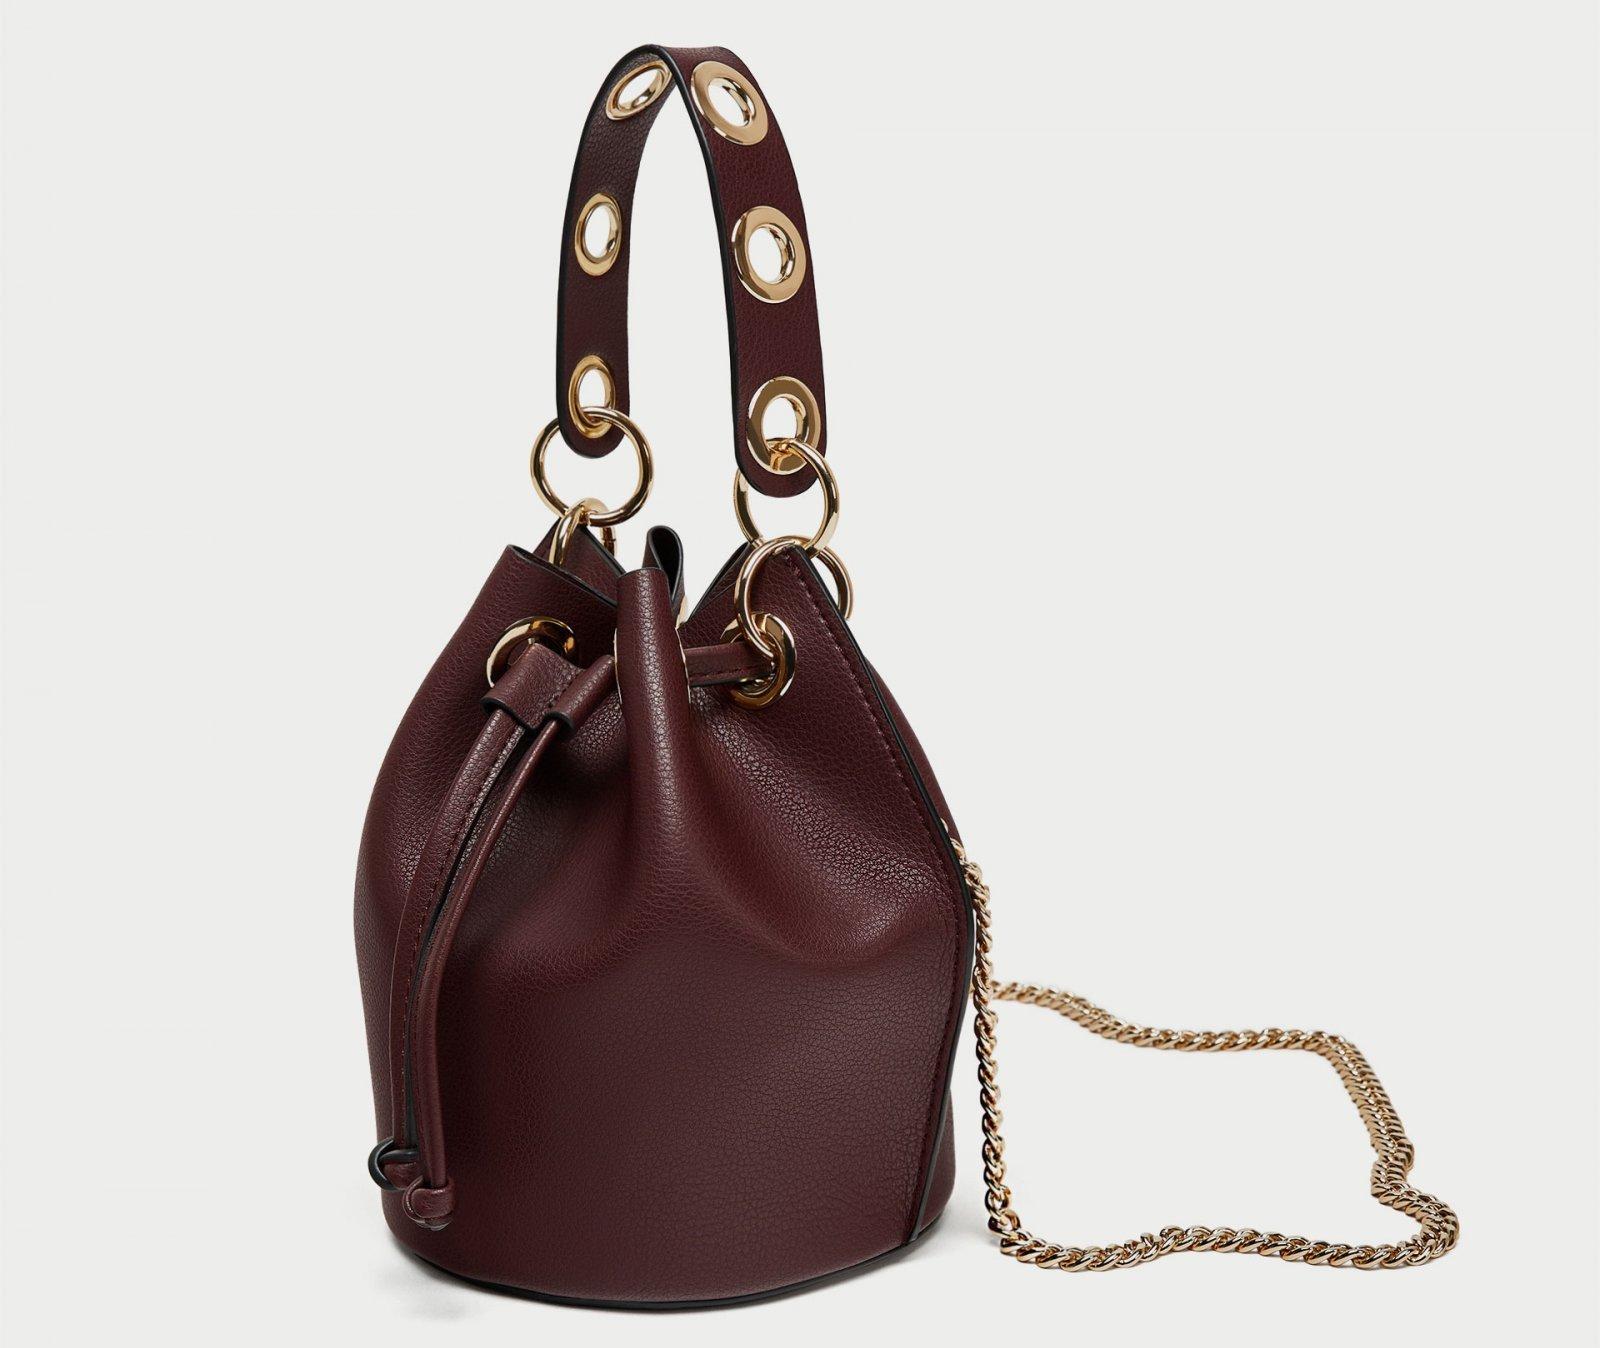 Mini bolso saco ollado de Zara, por 5,99 euros (antes 19,95)